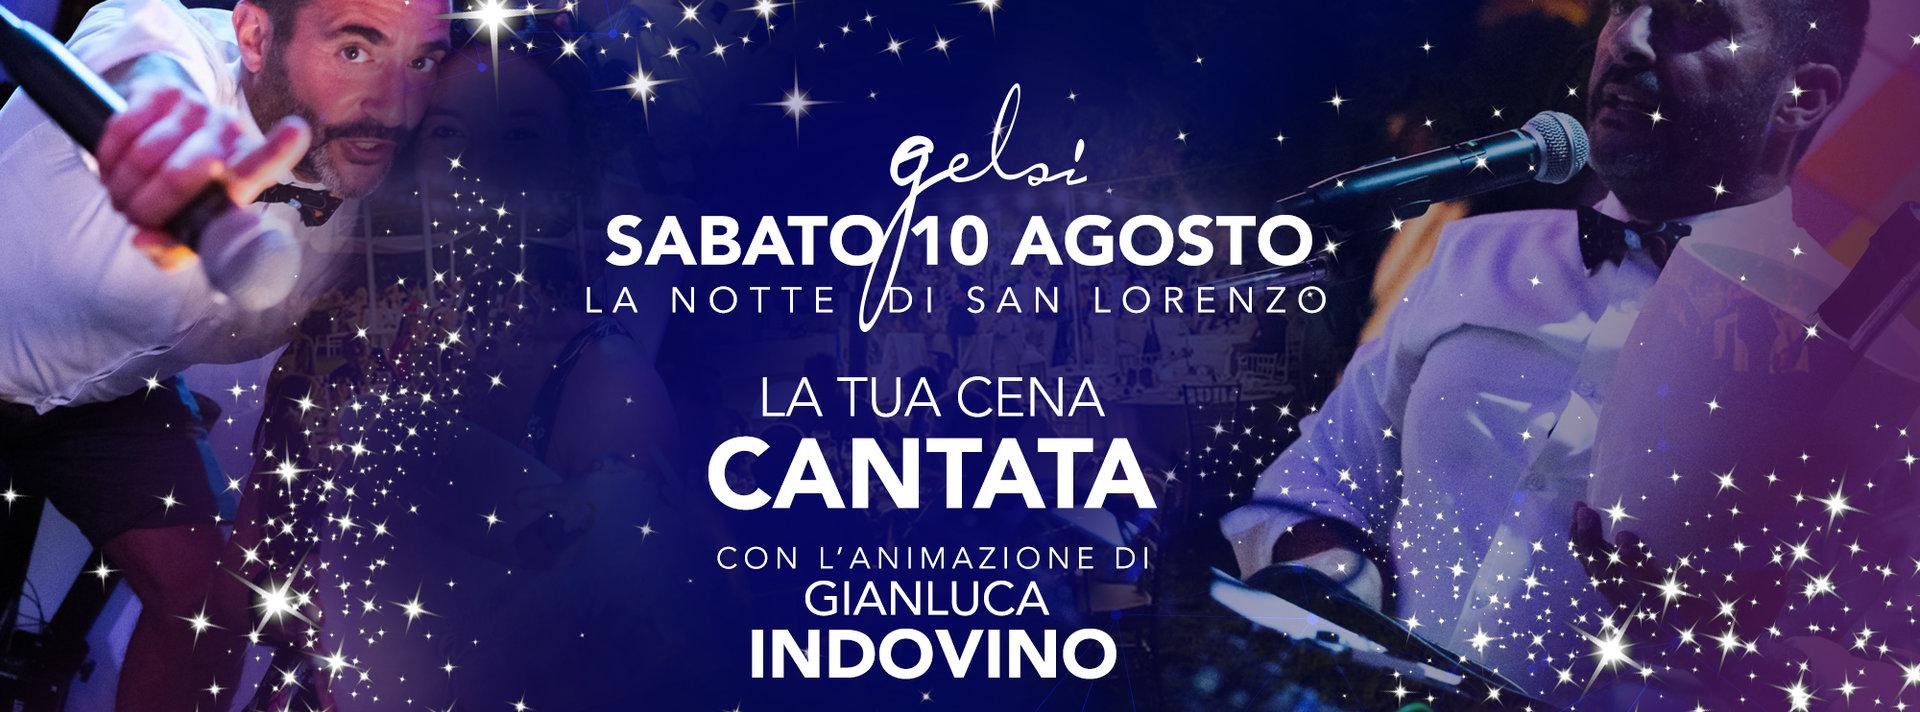 San Lorenzo Gelsi - 10 agosto 2019